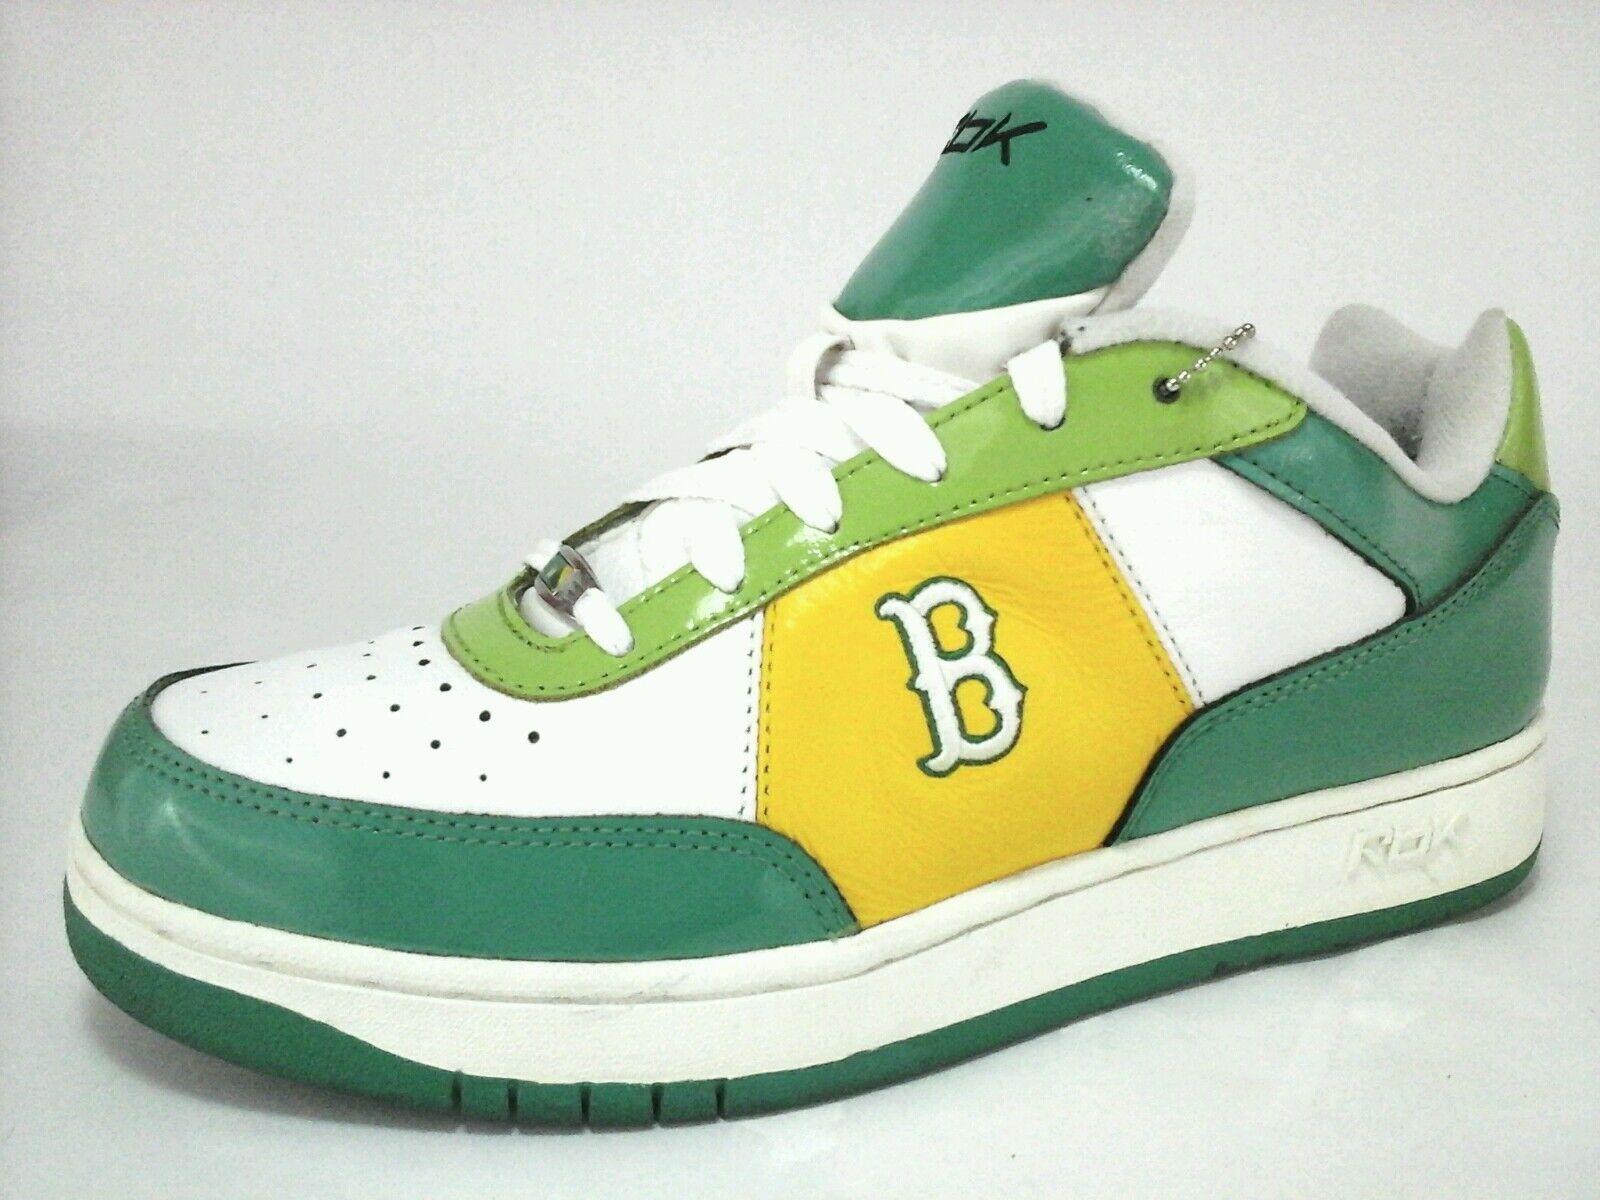 BASEBALL RBK White/Green/Yellow SHOES  BENTLEY BOSTON. Or Brazil.Theme US 10.5 M